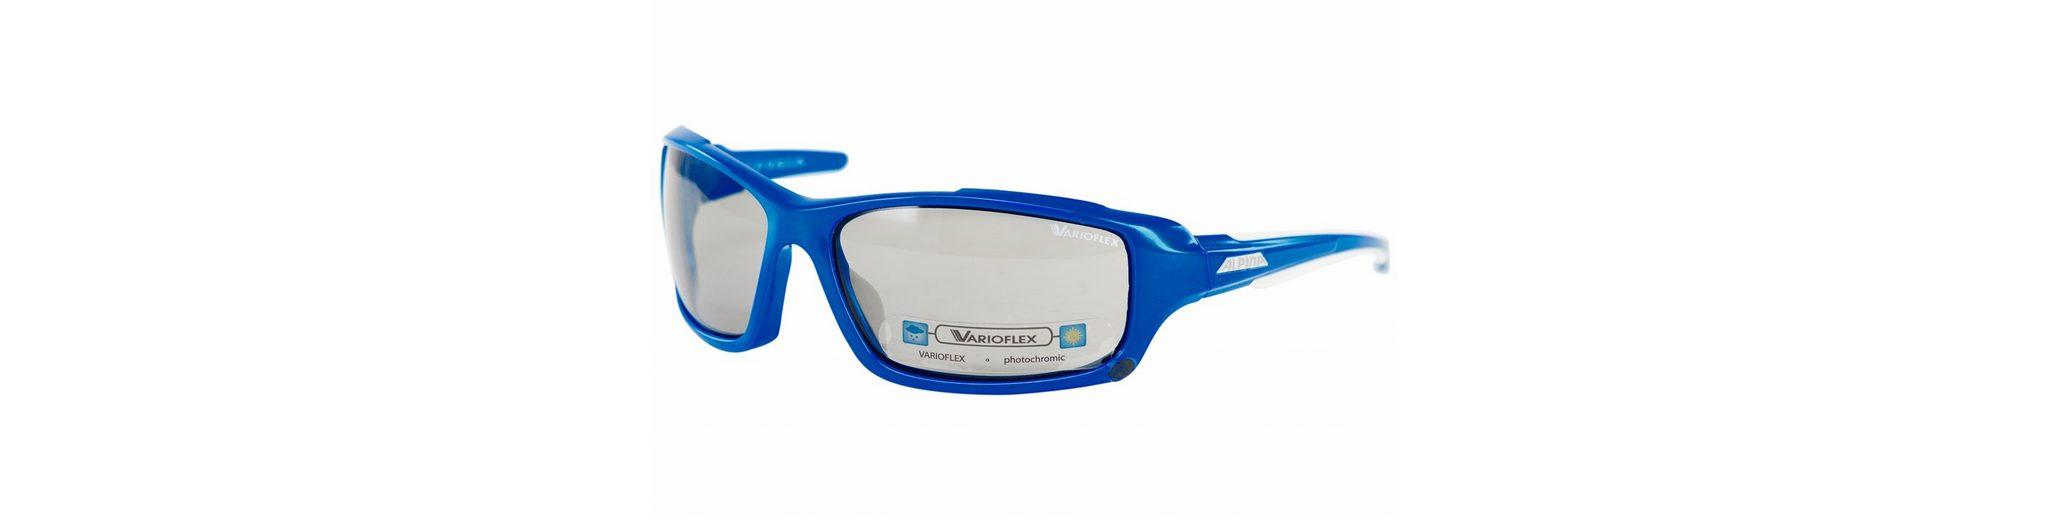 Alpina Radsportbrille »Callum VL Brille blue-white/black«